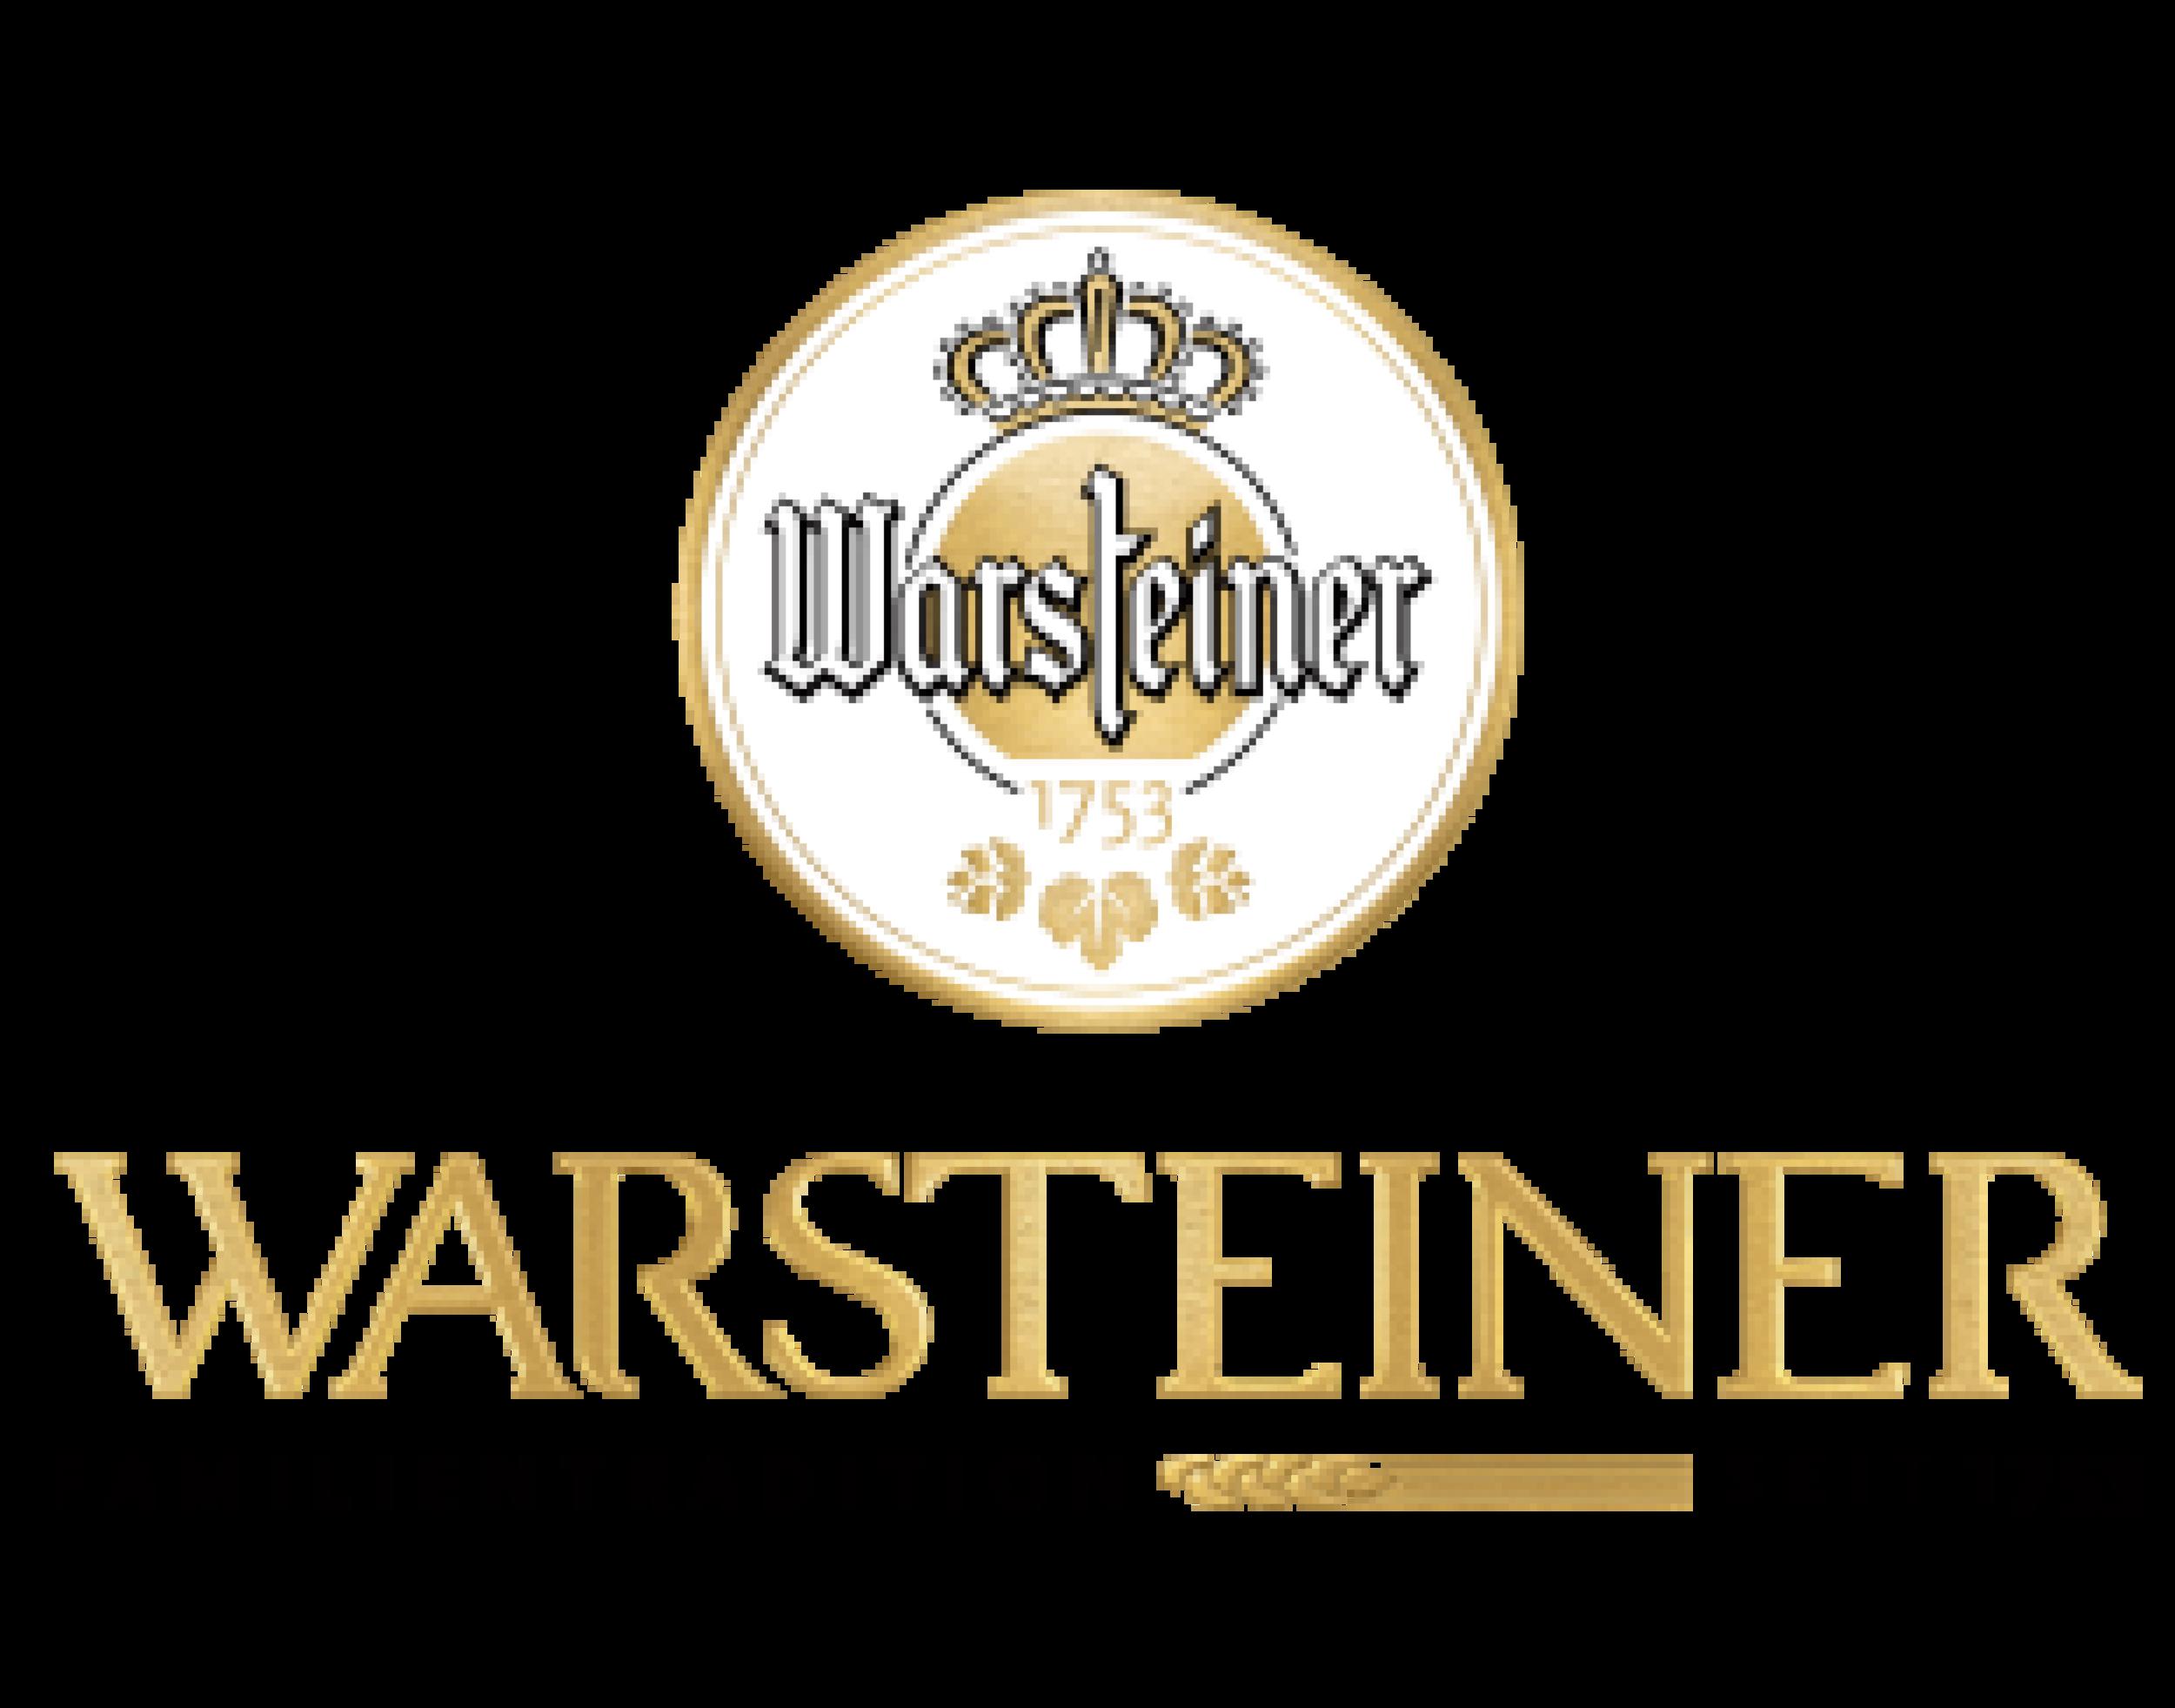 Warsteiner logo. Links to Warsteiner website.